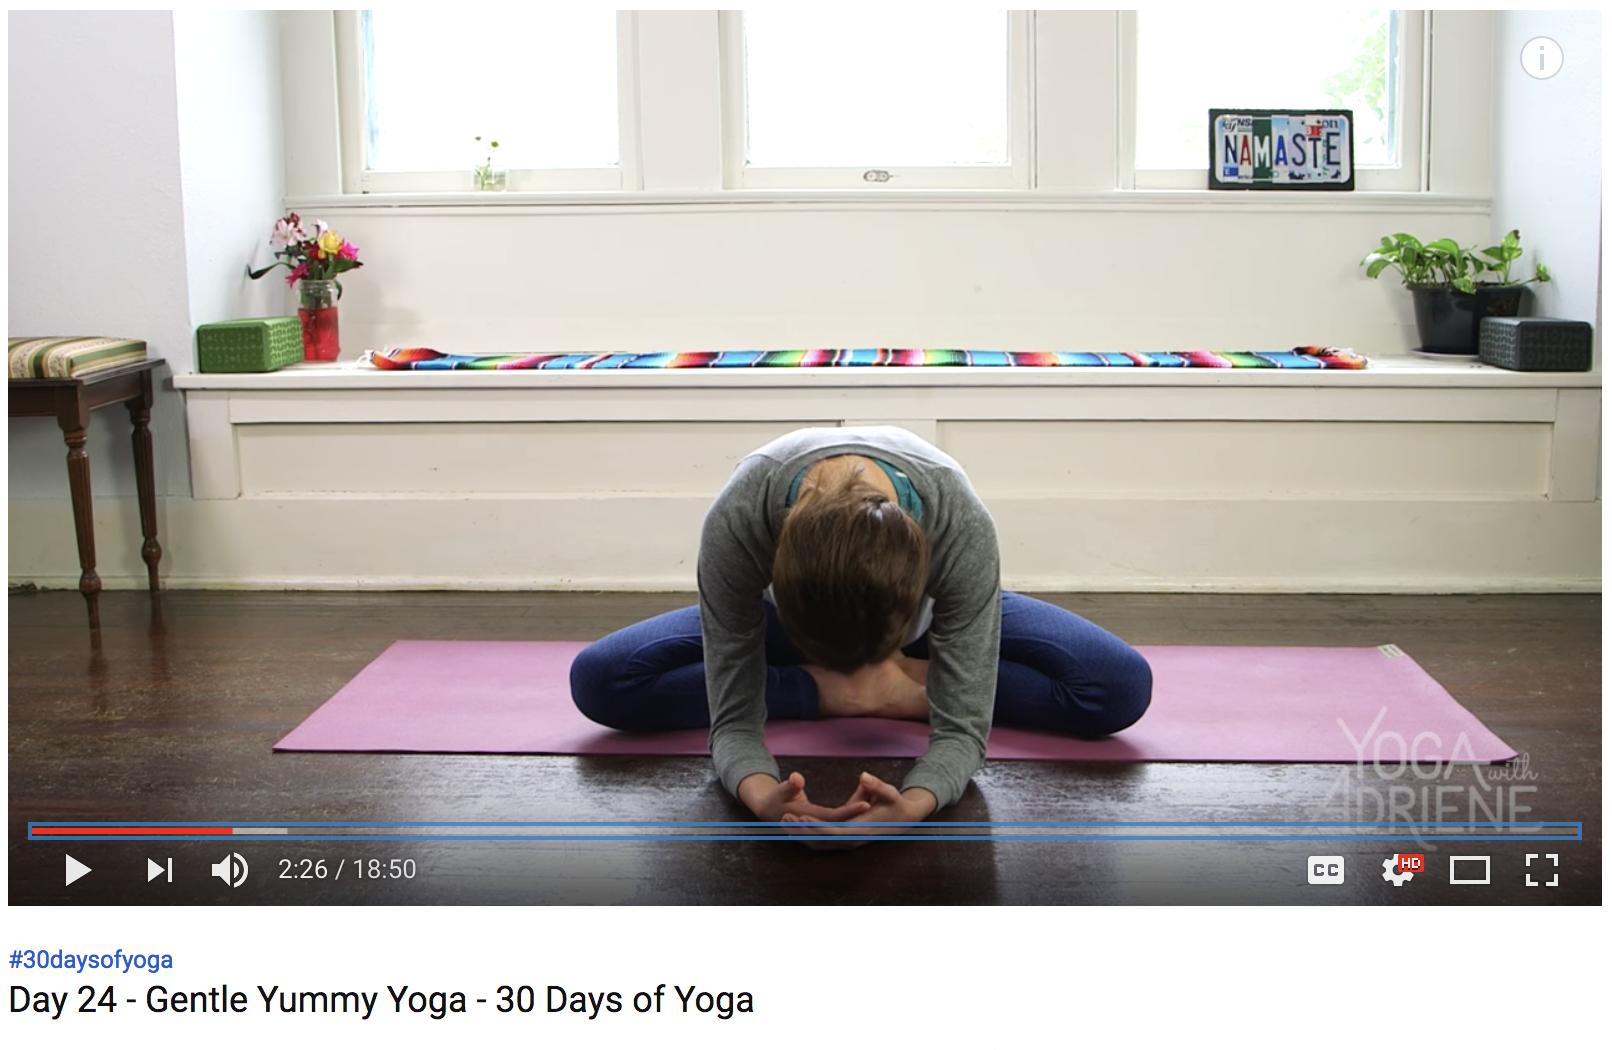 Gentle Yummy Yoga with Adriene (20 min)